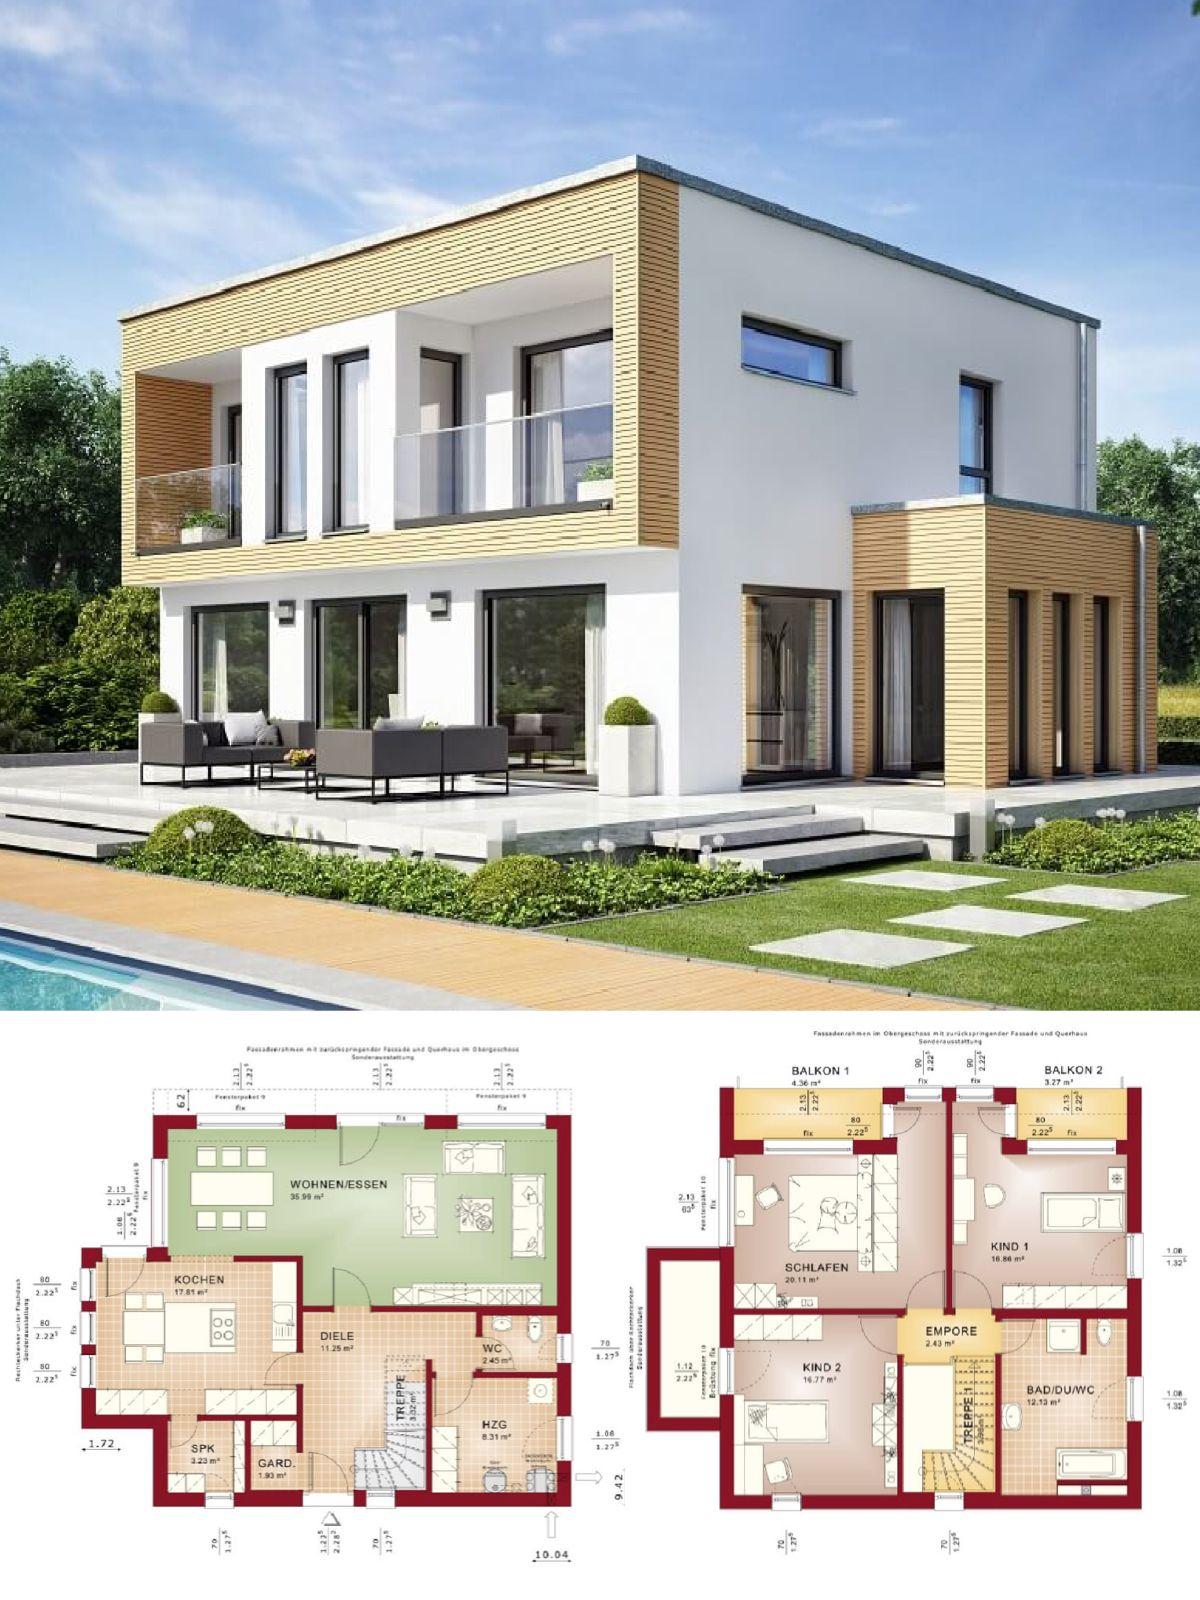 Schon Bauhaus Stadtvilla Neubau Modern Mit Flachdach Architektur   Haus Bauen  Grundriss Einfamilienhaus Evolution 154 V8 Bien